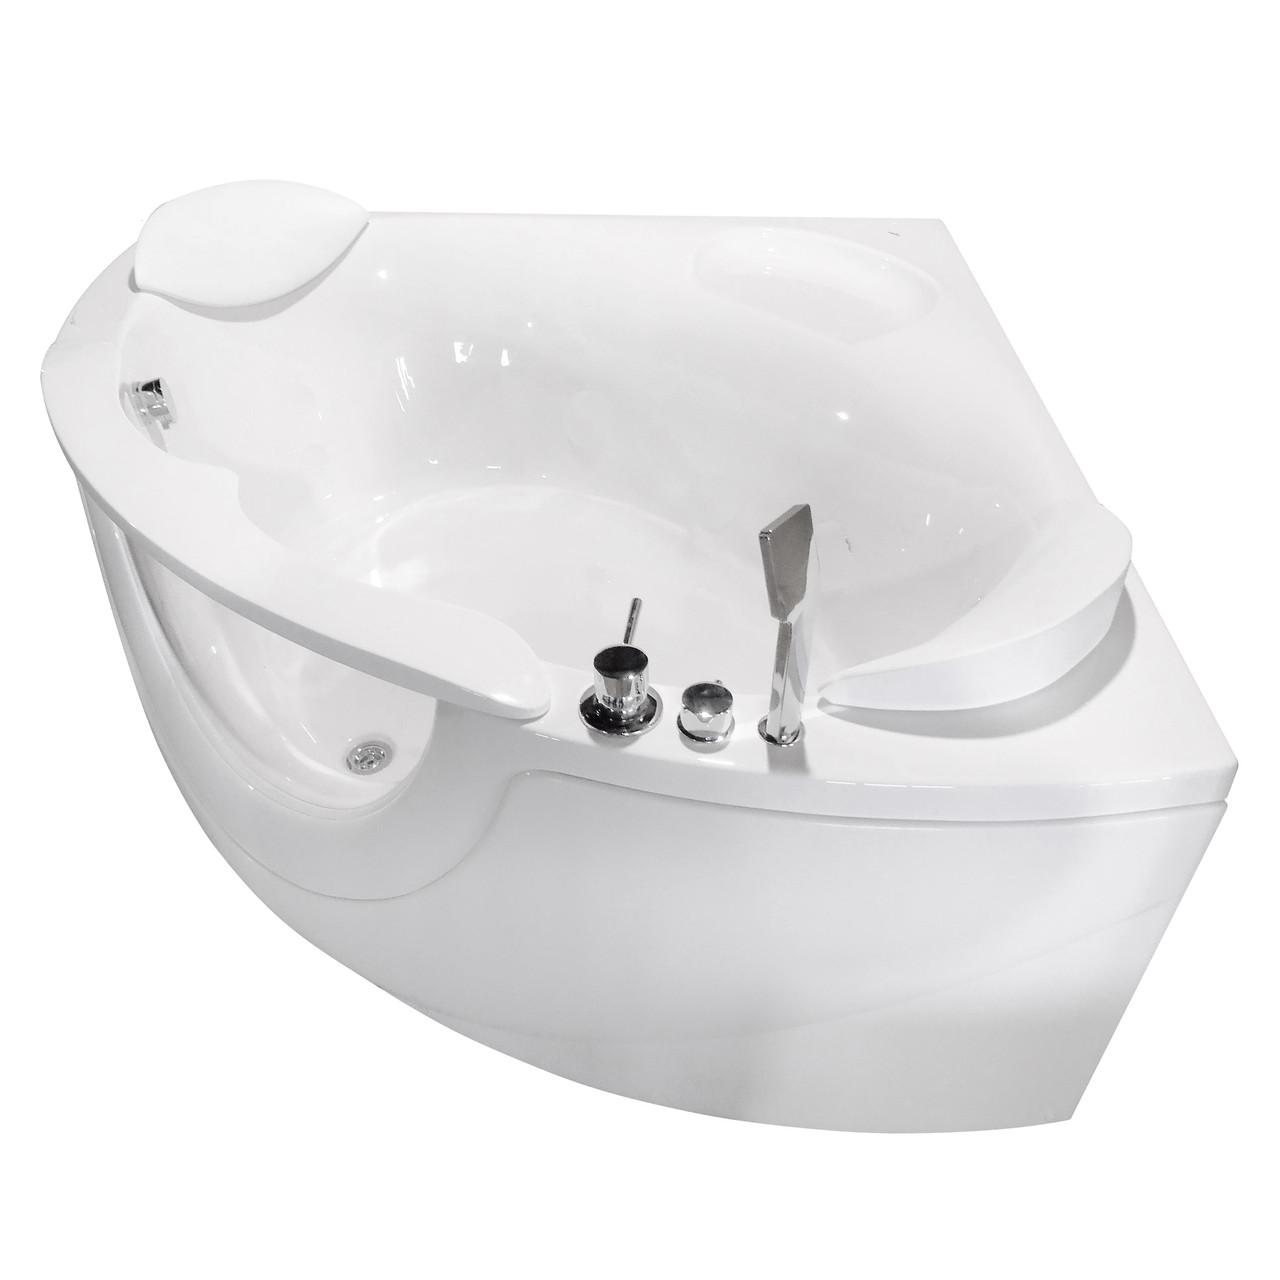 Ванна акриловая VOLLE  со смесителем, сифоном и подголовниками